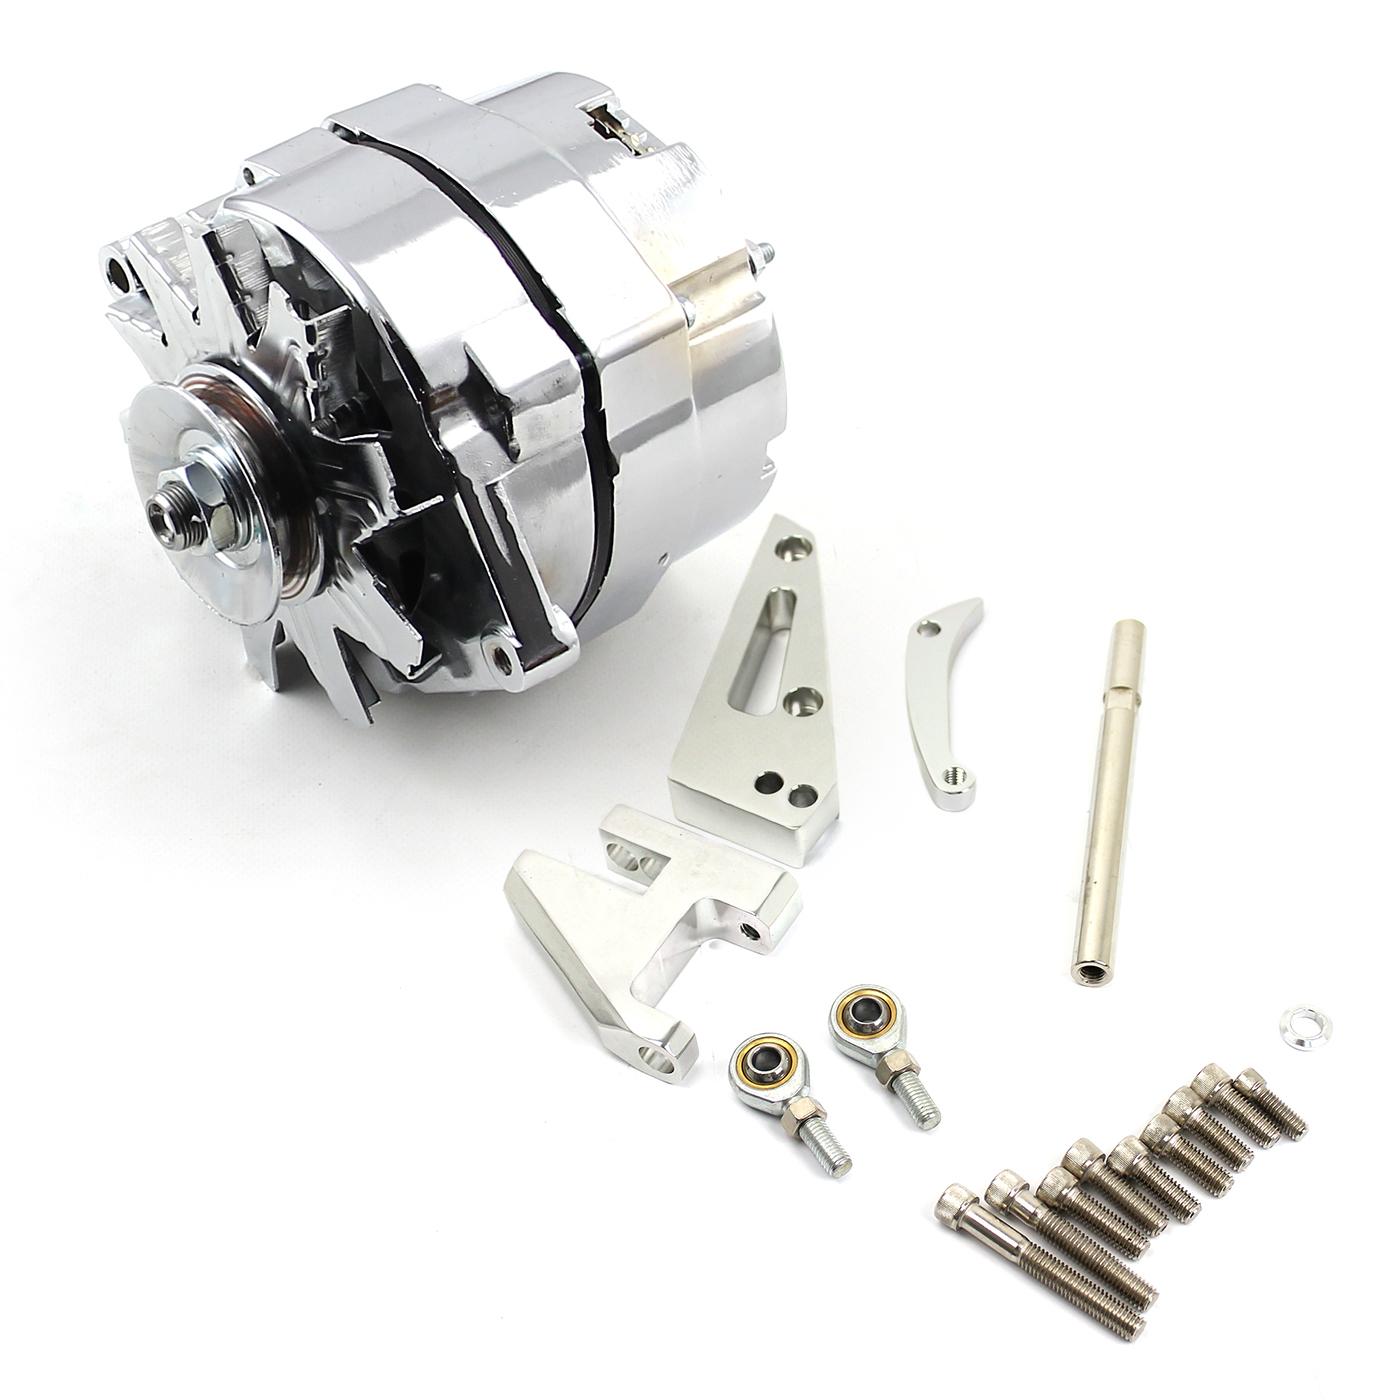 Chevy SBC 350 100 Amp 1 Wire Alternator & SWP Aluminum Bracket Kit Polished